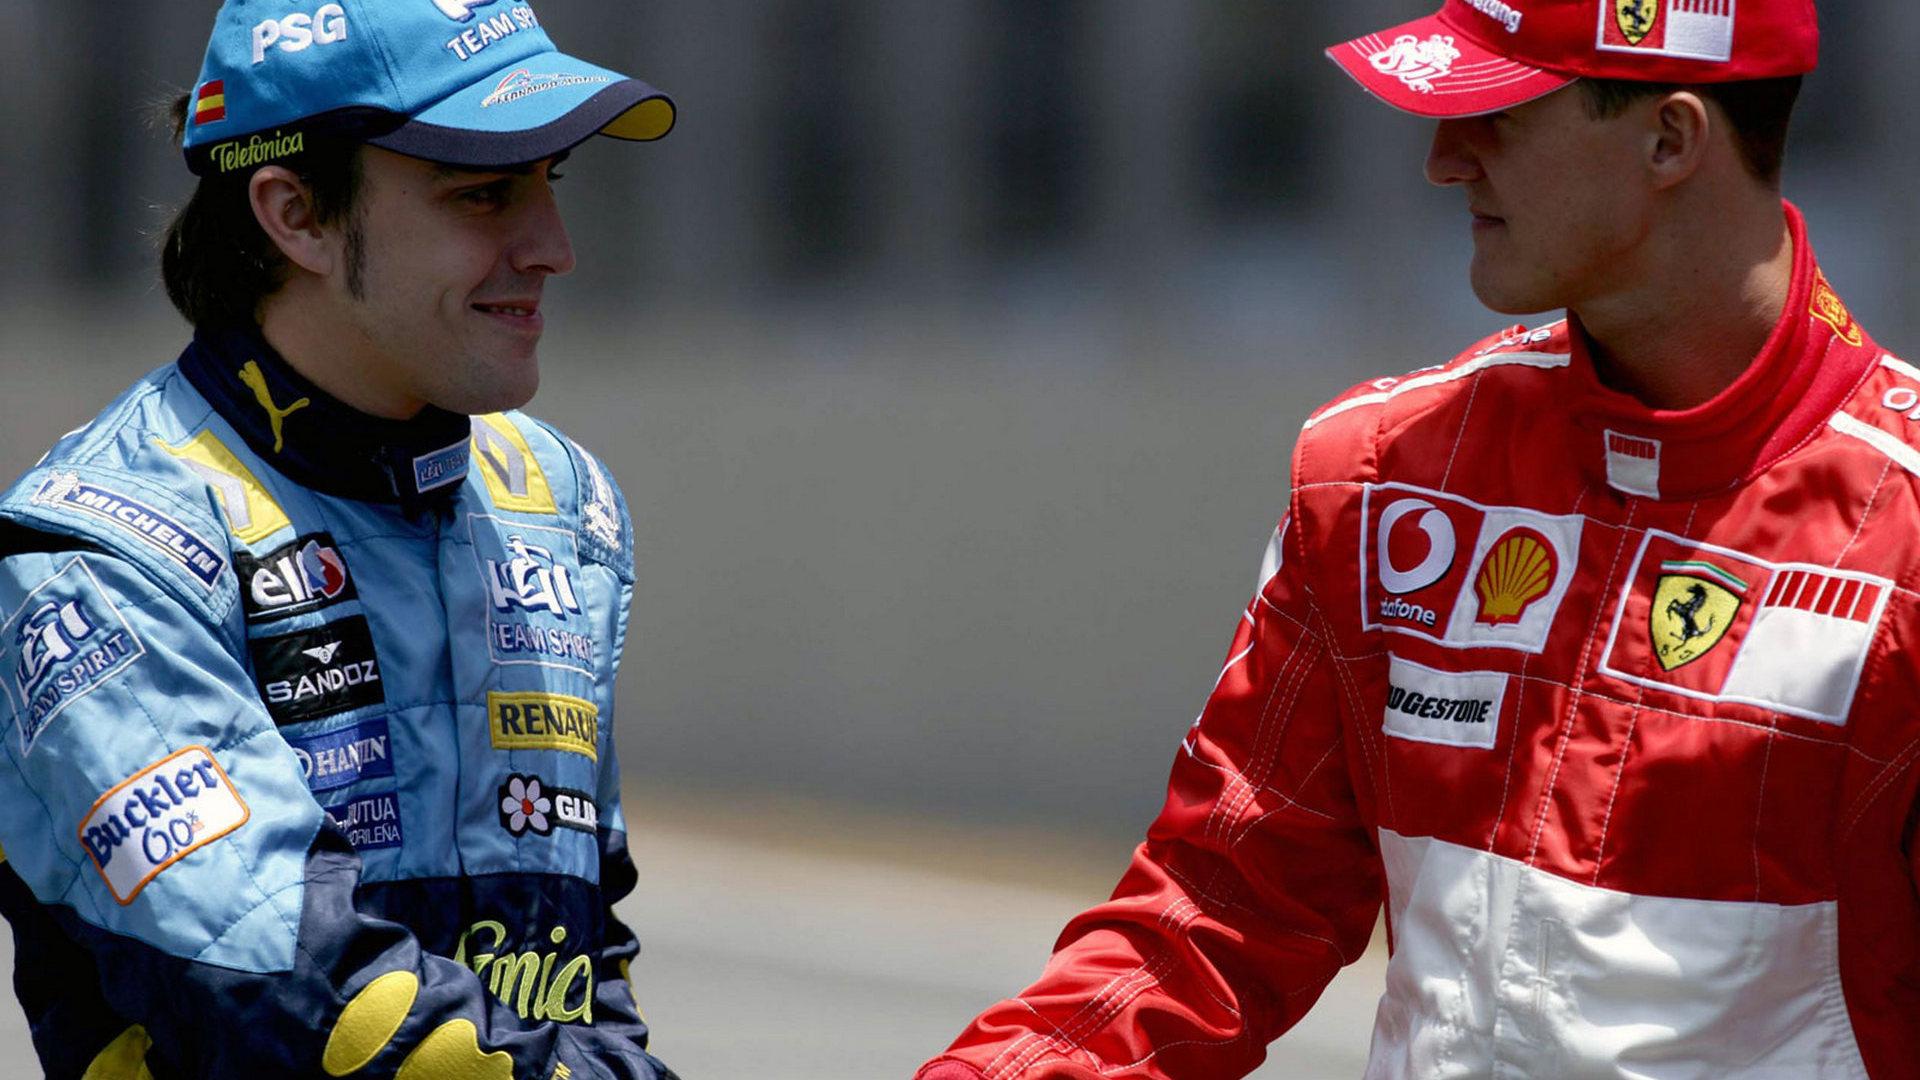 Pozdrav dvojice velikih rivala uoči VN Brazila 2006. - Fernanda Alonsa, koji je nakon utrke postao dvostruki uzastopni svjetski prvak, i Michaela Schumachera, sedmerostrukog svjetskog prvaka kojemu je to bila posljednja utrka (barem smo to tada mislili). Foto: f1fansite